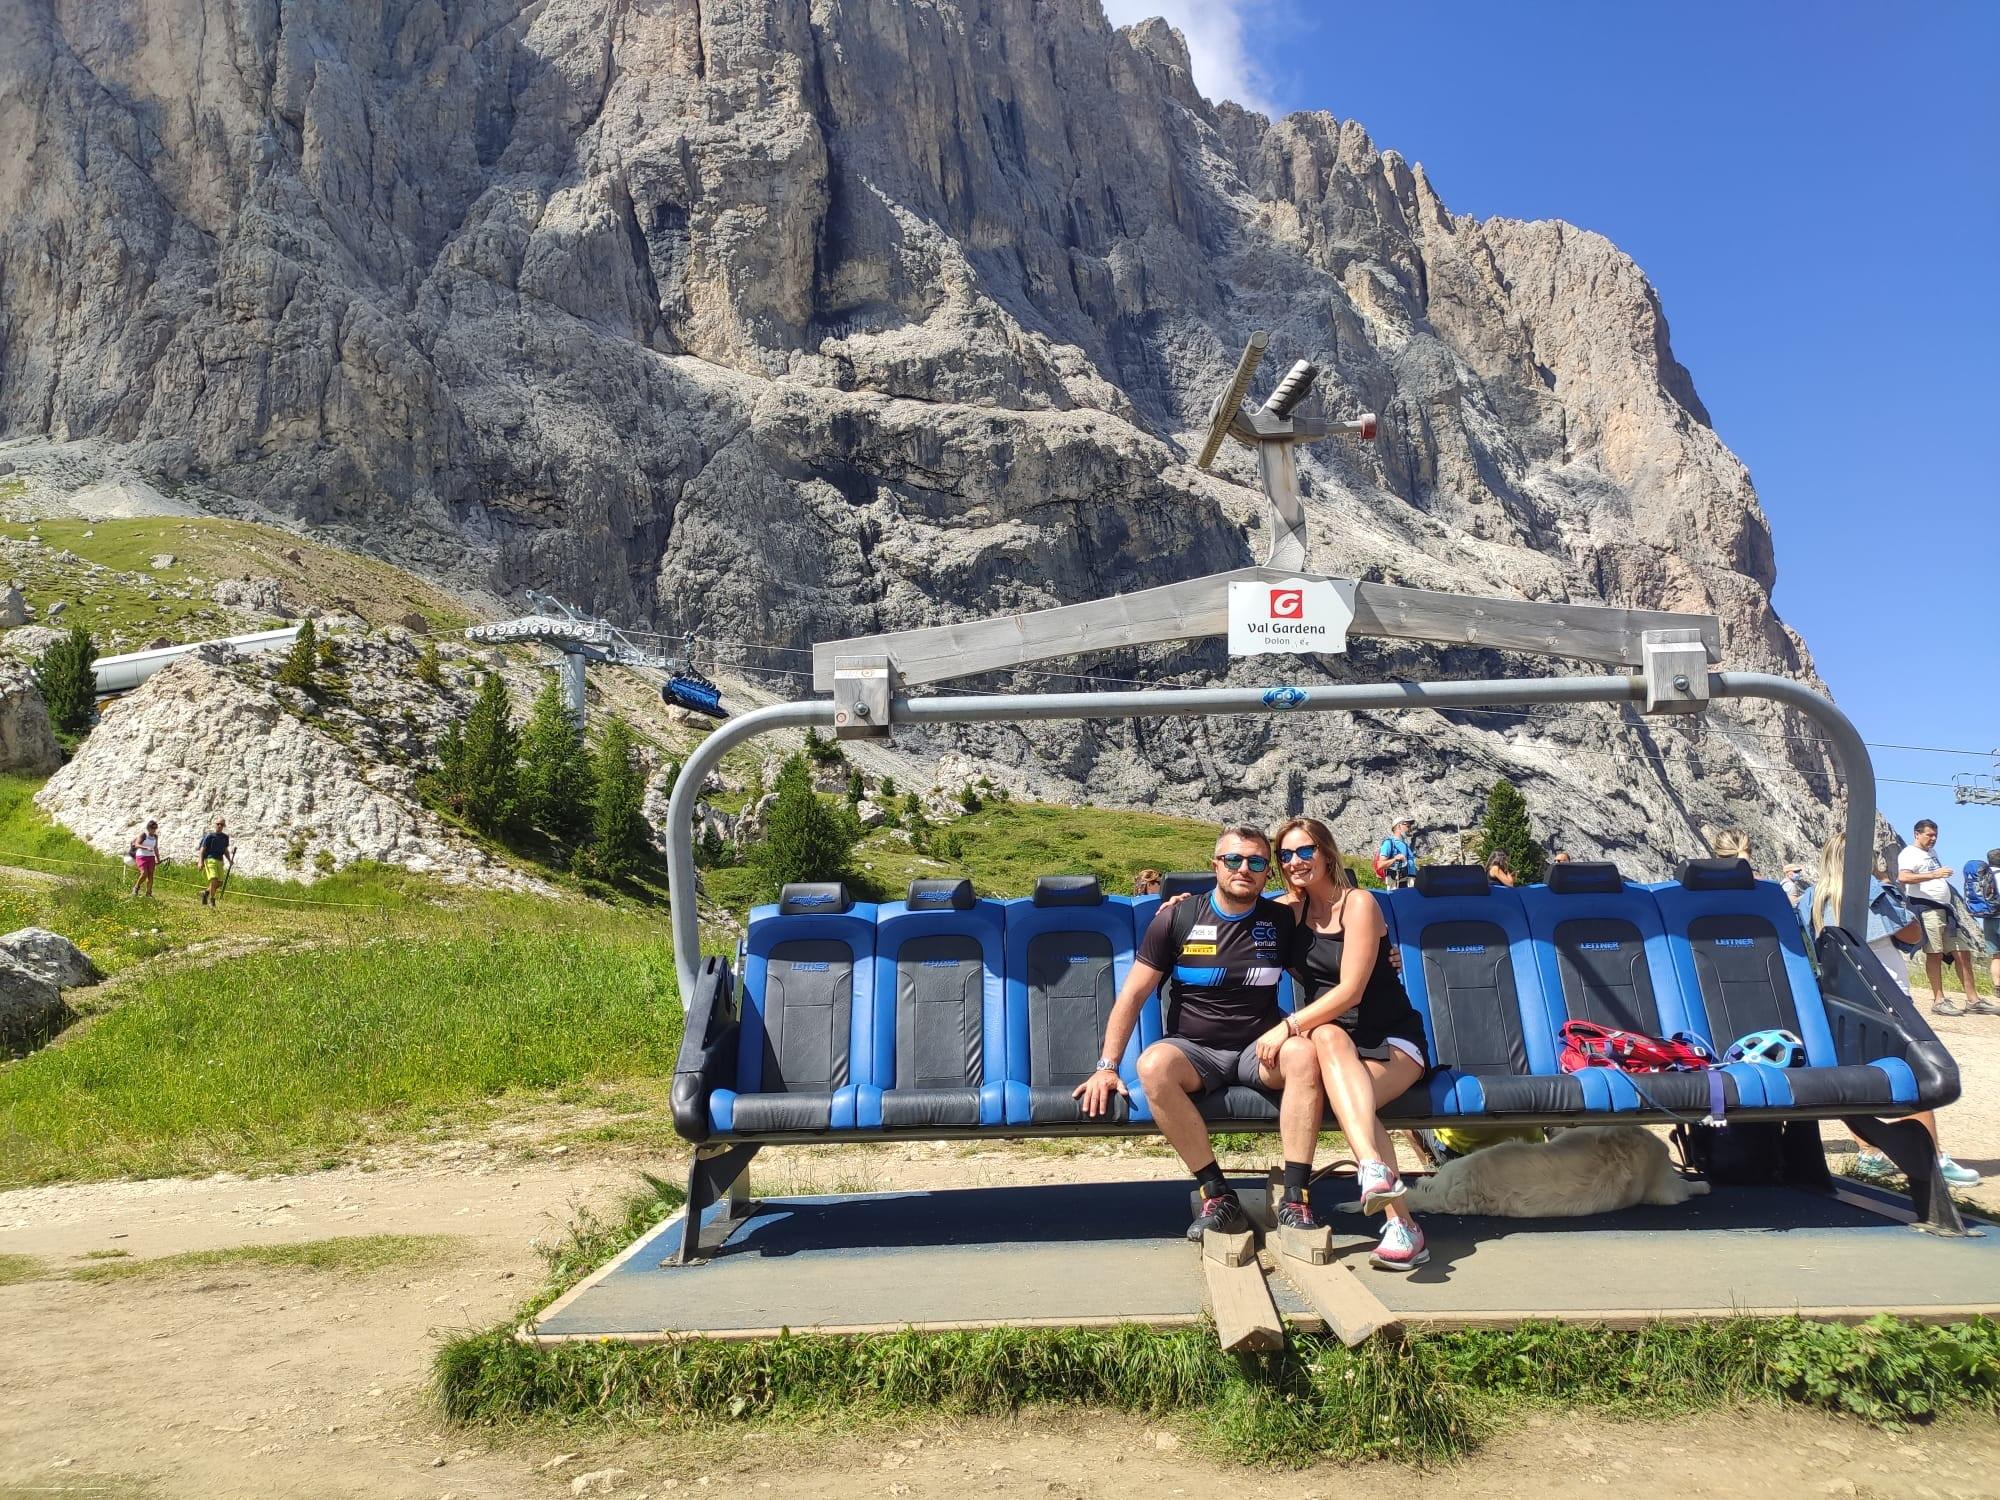 Gianluca Carboni con la maglia della smart EQ fortwo e-cup in Val Gardena.